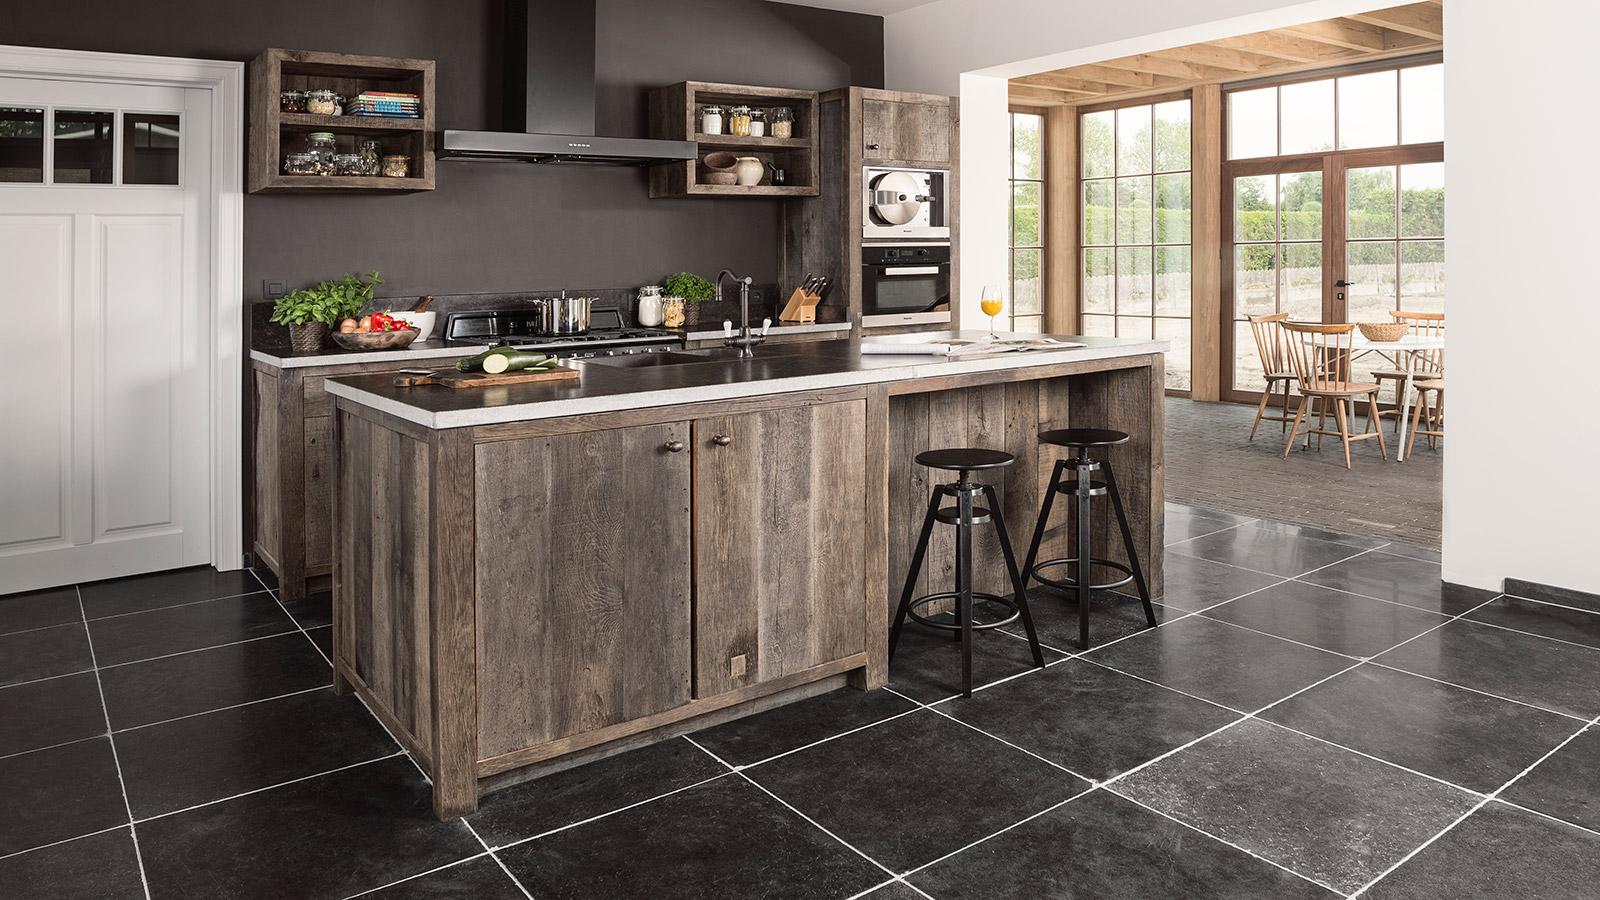 Houten Keuken Op Maat: Bax keukens op maat ebbenhout doorlopend houten ...